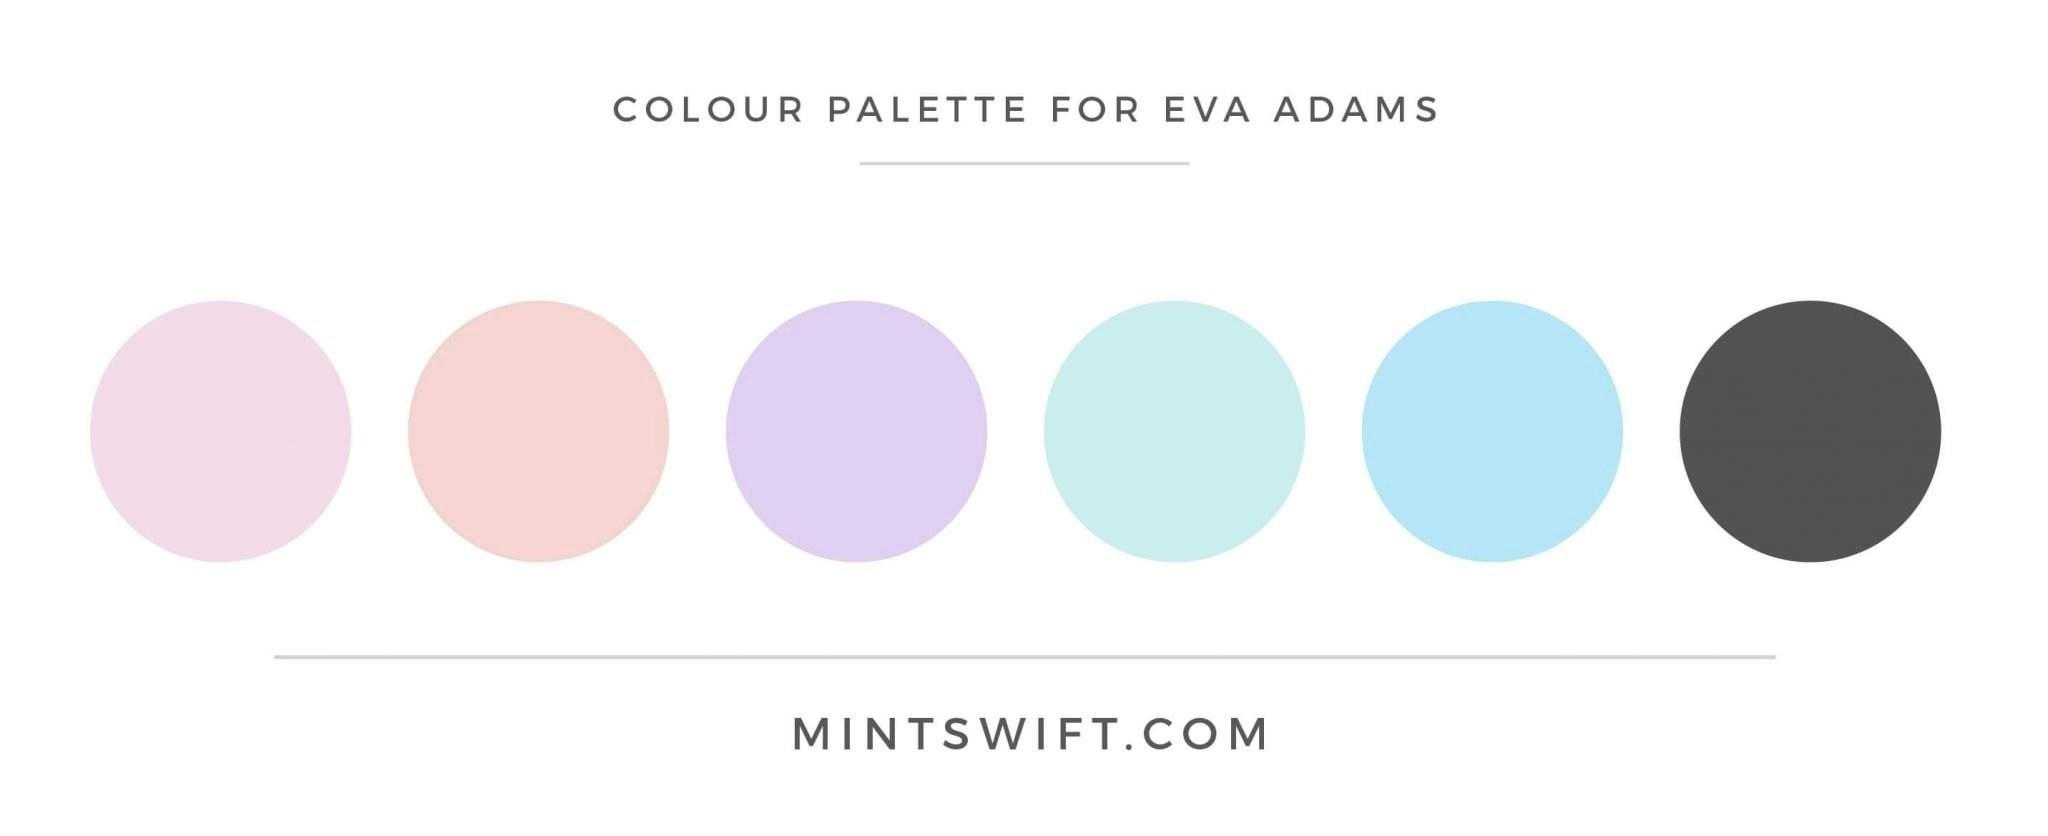 Eva Adams - Colour Palette - MintSwift